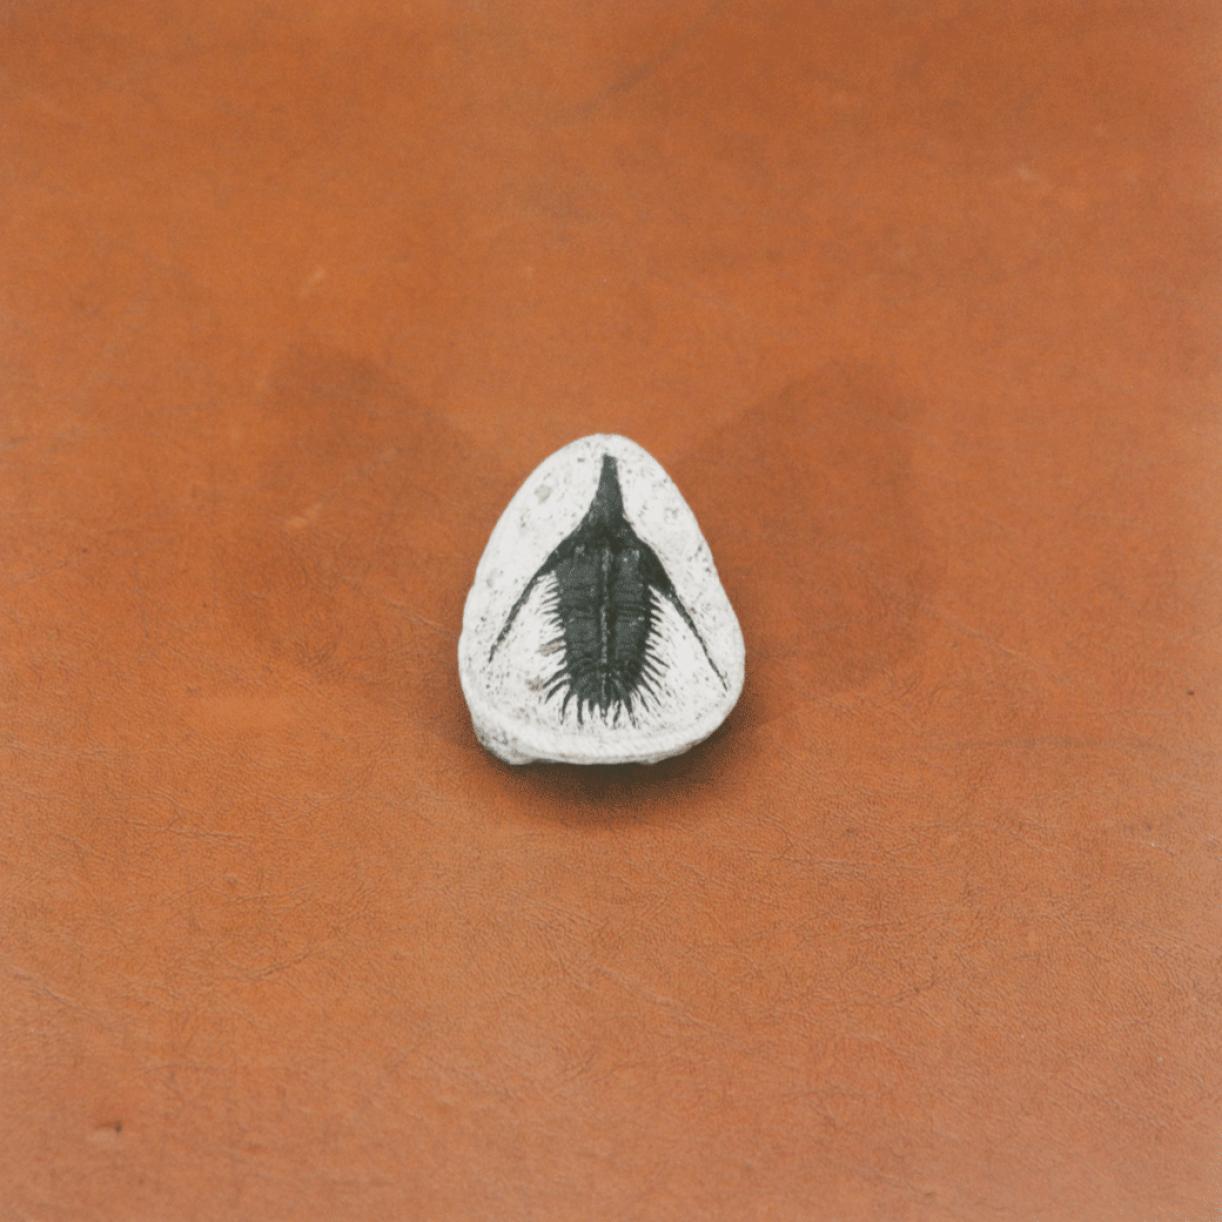 Untitled (Berringer's Lying Stones), 2014-2015, chromogenic print, 30 x 30 cm